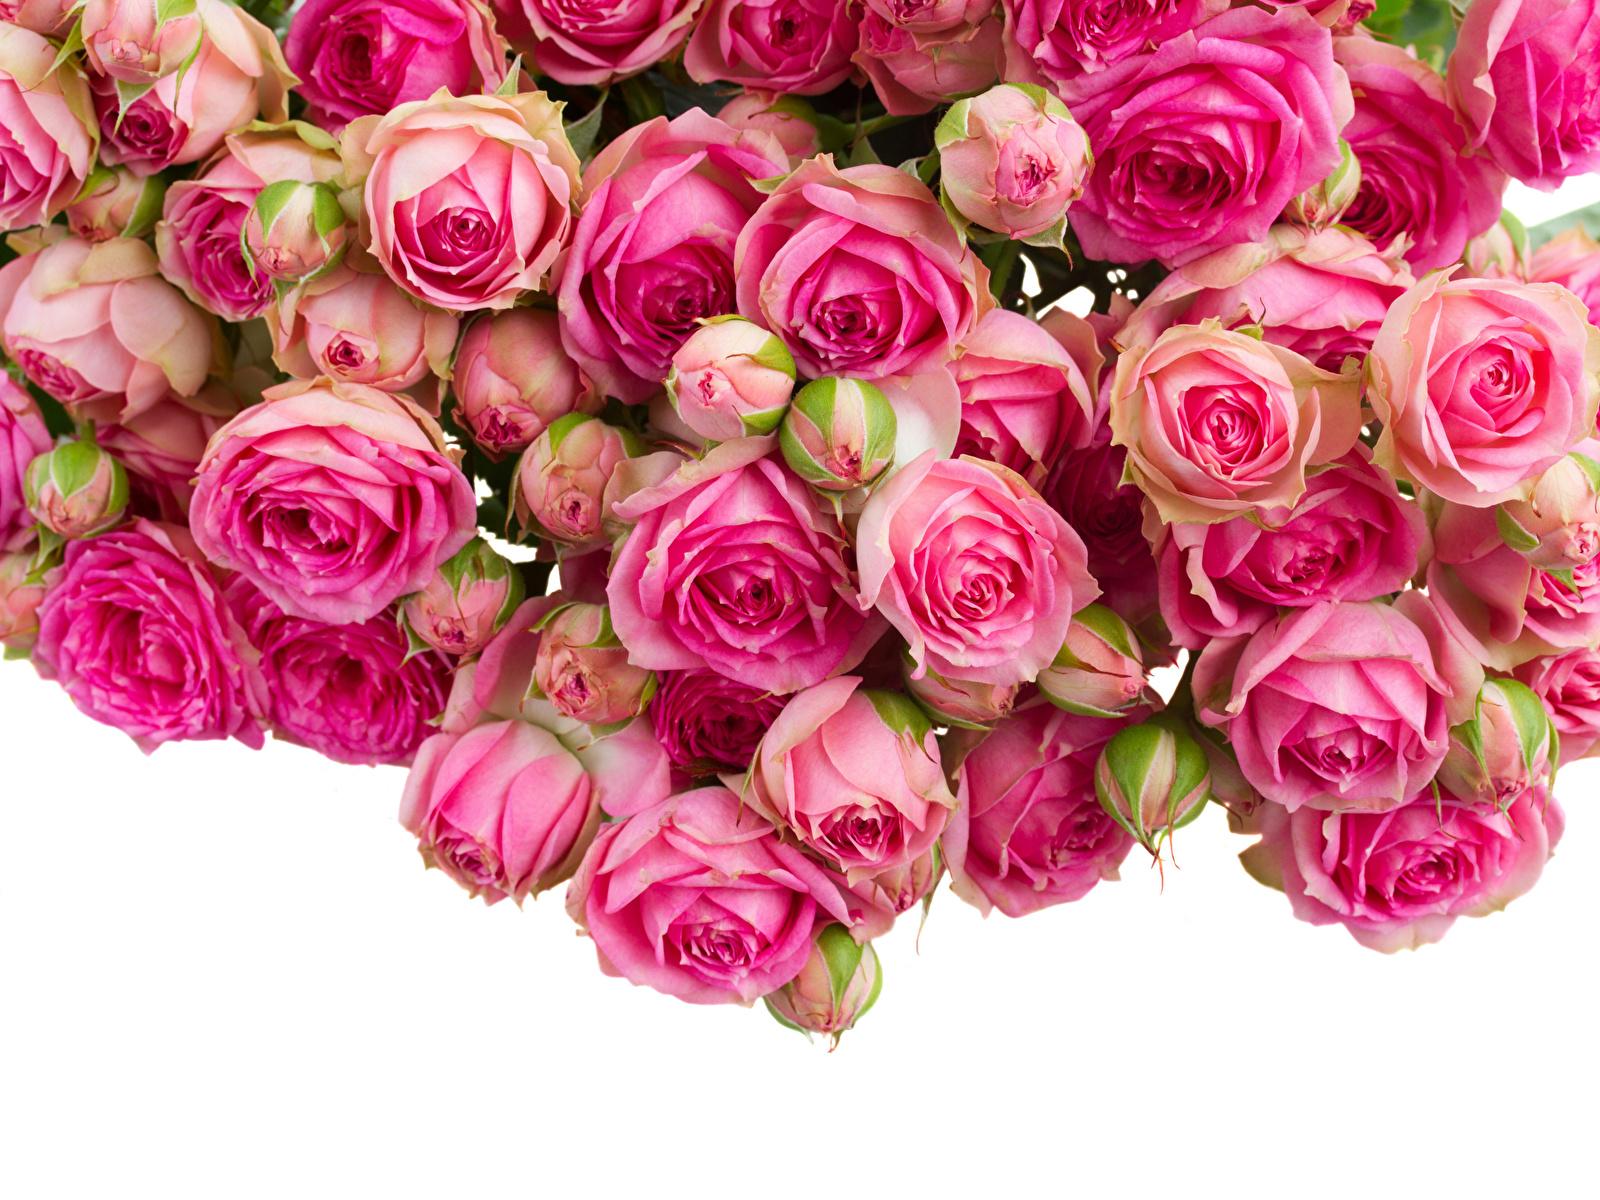 Фотография Розы розовых Цветы Много Бутон 1600x1200 роза розовая розовые Розовый цветок